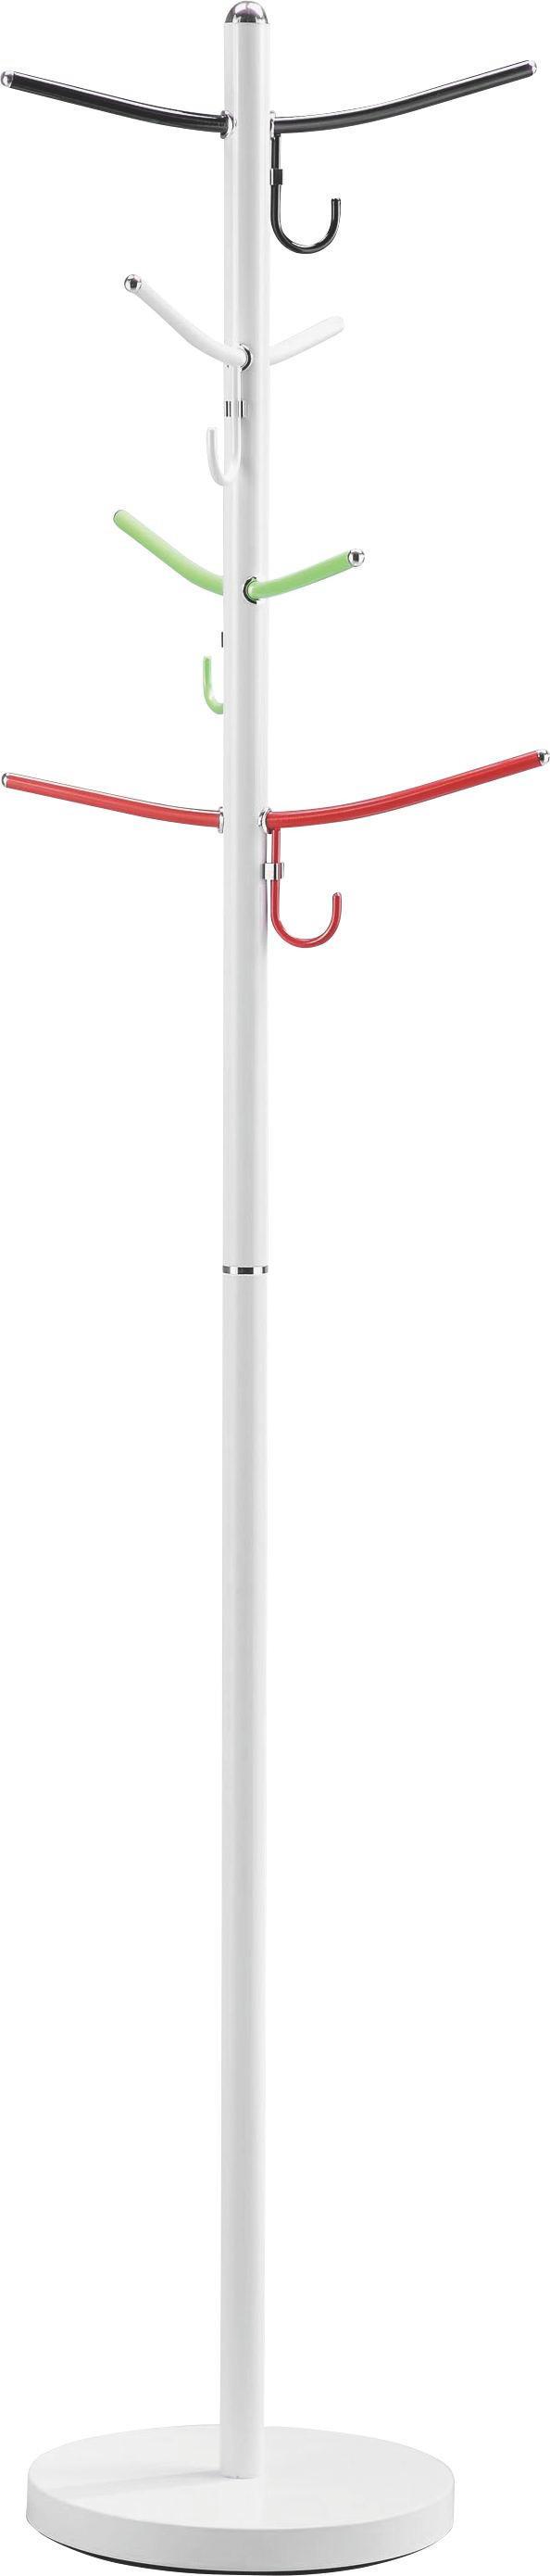 VJEŠALICA SAMOSTOJEĆA - bijela/zelena, Design, metal (30,5/178cm) - BOXXX